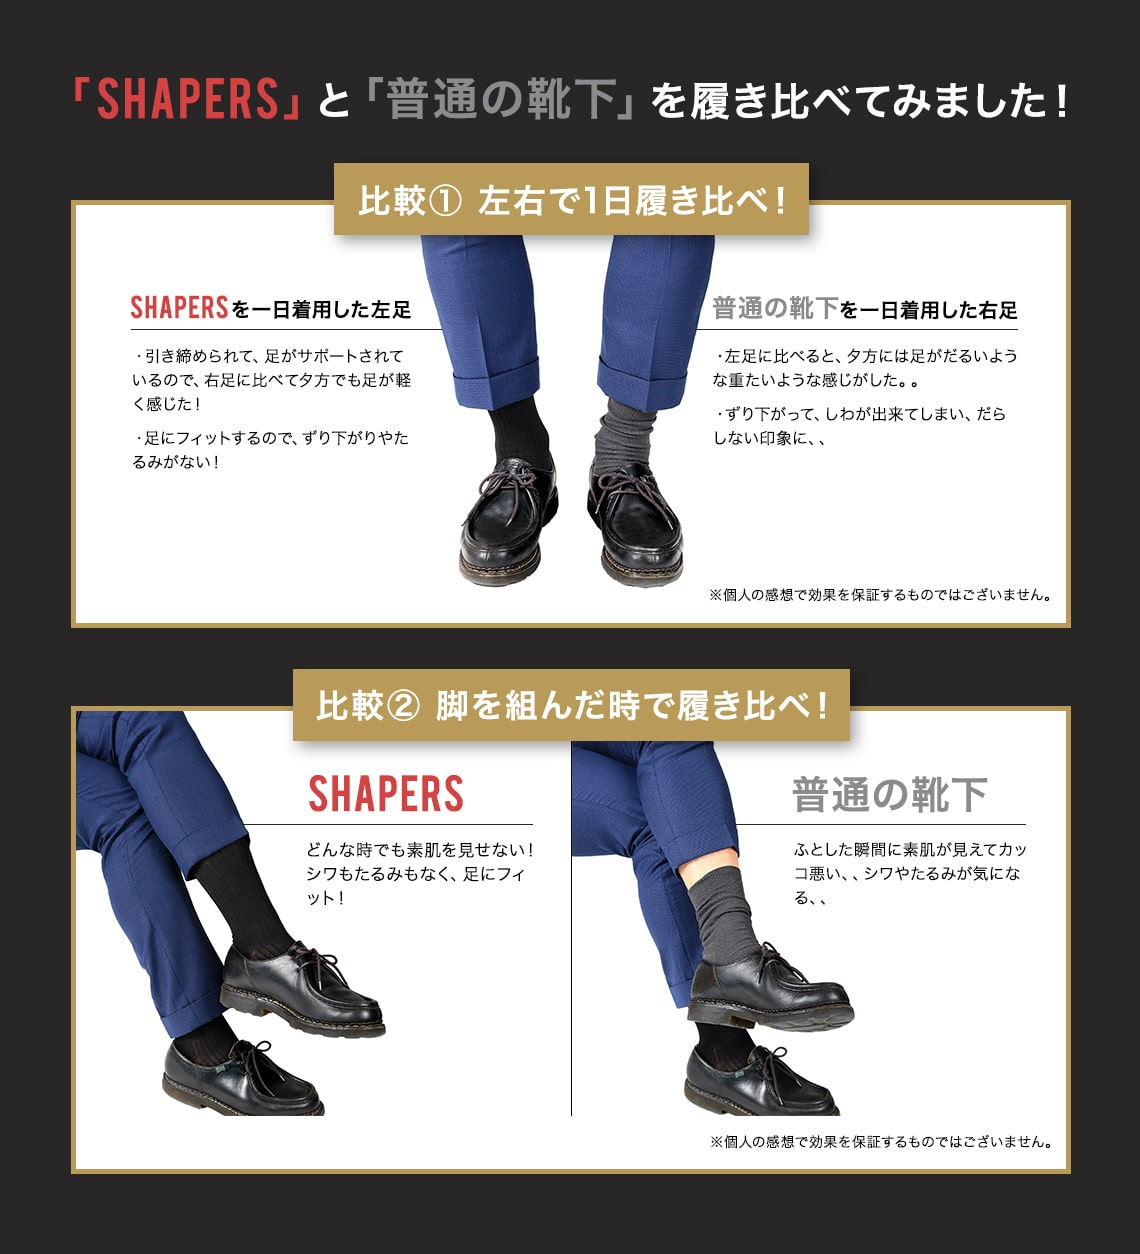 「SHAPERS」と「普通の靴下」を履き比べました!